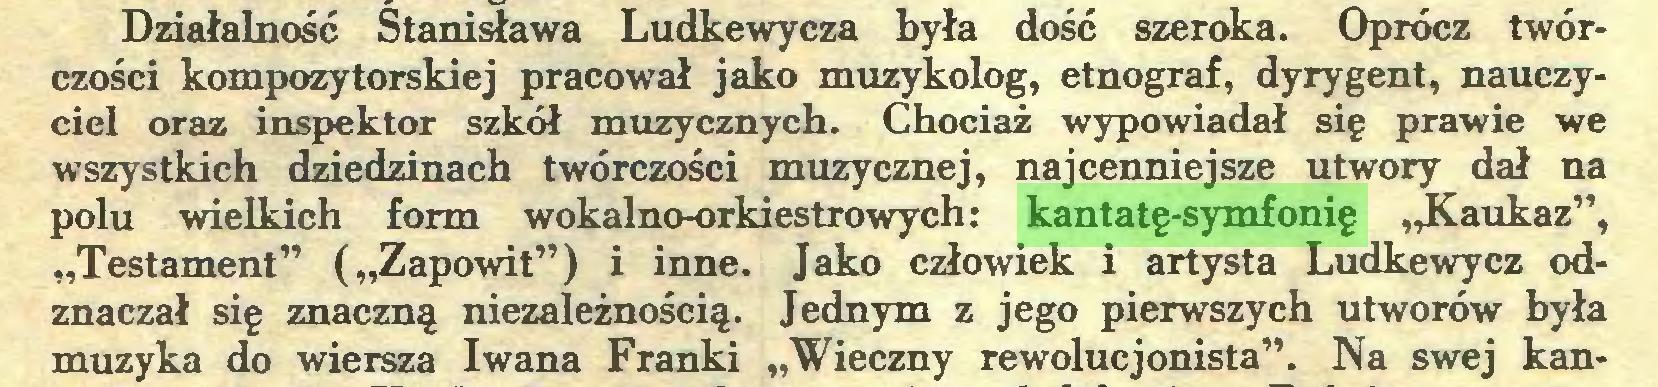 """(...) Działalność Stanisława Ludkewycza była dość szeroka. Oprócz twórczości kompozytorskiej pracował jako muzykolog, etnograf, dyrygent, nauczyciel oraz inspektor szkół muzycznych. Chociaż wypowiadał się prawie we wszystkich dziedzinach twórczości muzycznej, najcenniejsze utwory dał na polu wielkich form wokalno-orkiestrowych: kantatę-symfonię """"Kaukaz"""", """"Testament"""" (""""Zapowit"""") i inne. Jako człowiek i artysta Ludkewycz odznaczał się znaczną niezależnością. Jednym z jego pierwszych utworów była muzyka do wiersza Iwana Franki """"Wieczny rewolucjonista"""". Na swej kan..."""